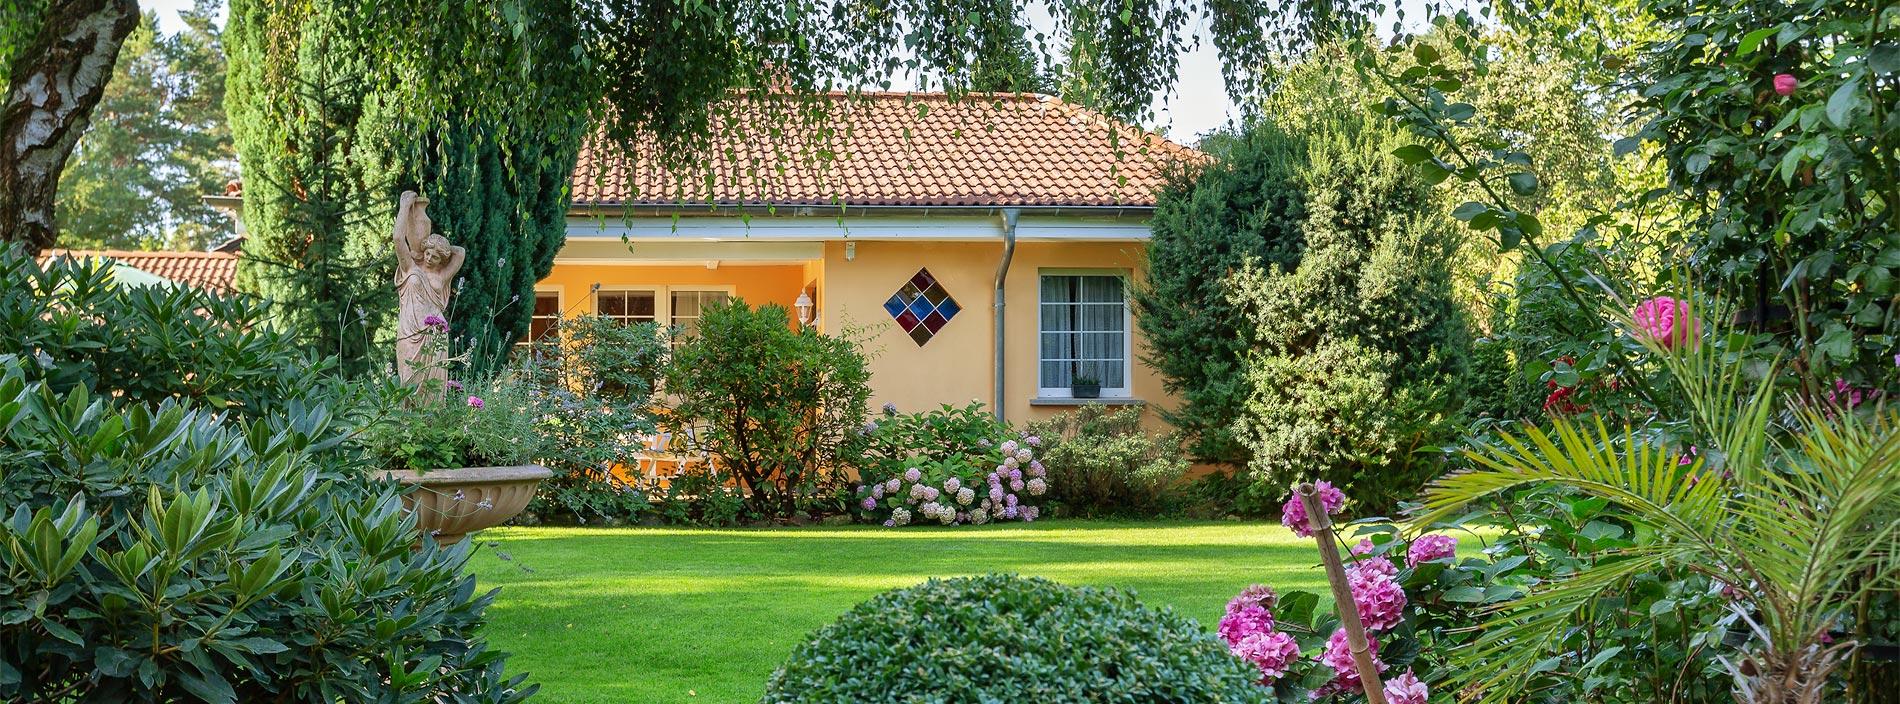 Immobilie Haus Garten